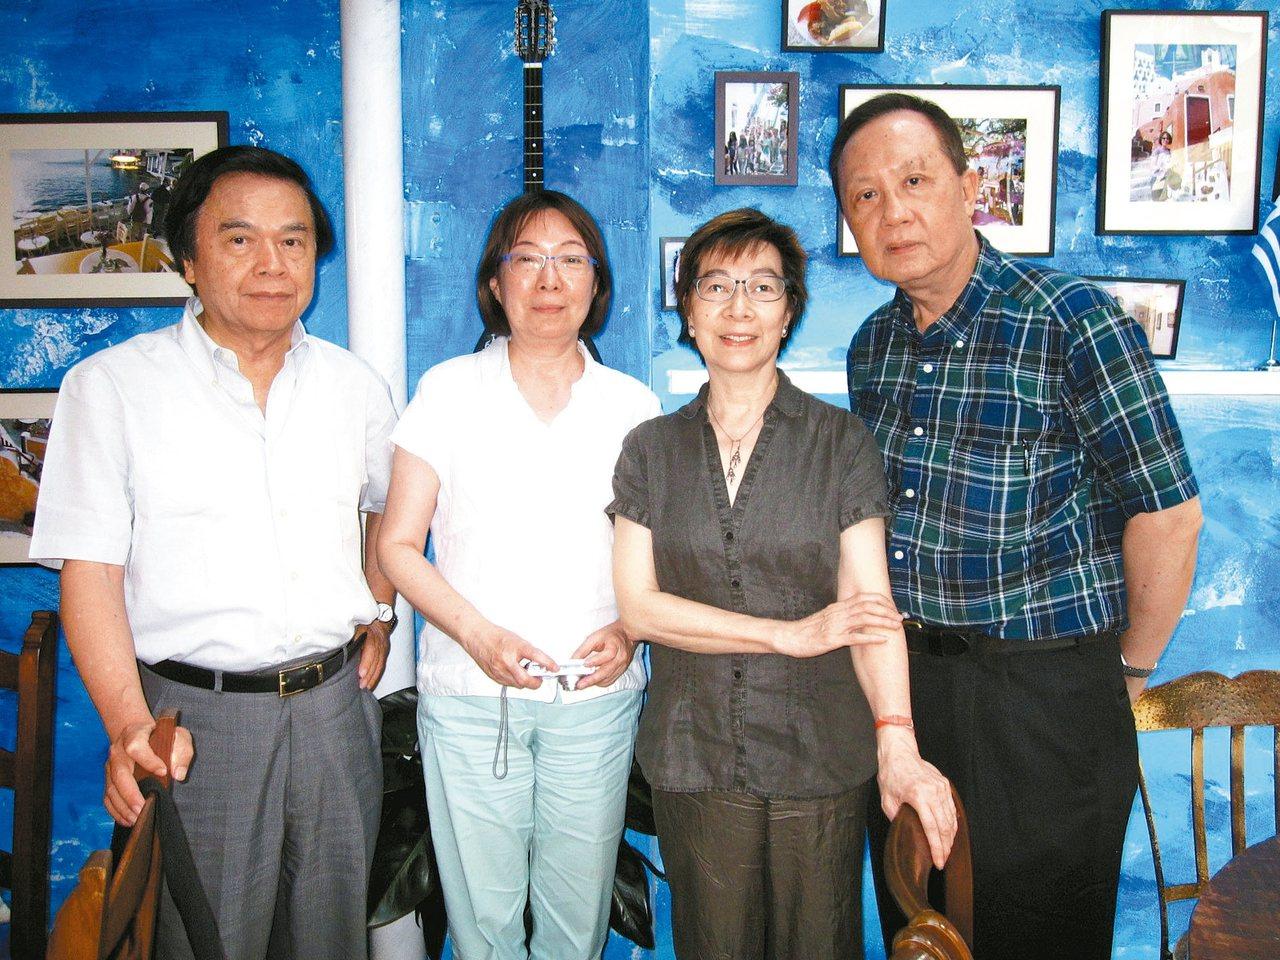 2011年何政廣(左起)與王庭玫、李渝、張錯合影。 張錯/圖片提供